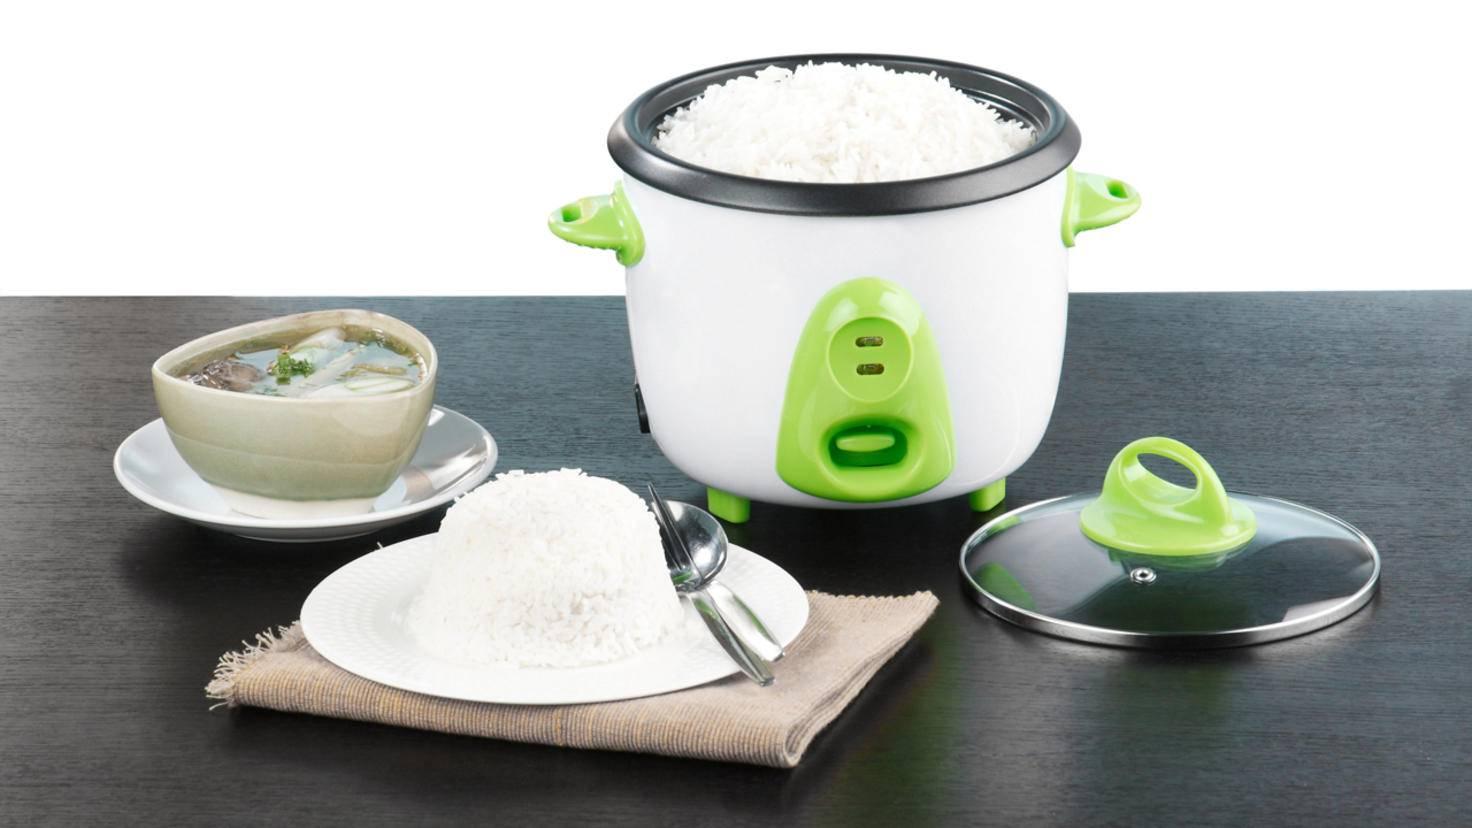 Mit einem elektrischen Reiskocher wird das Reiskochen besonders bequem.